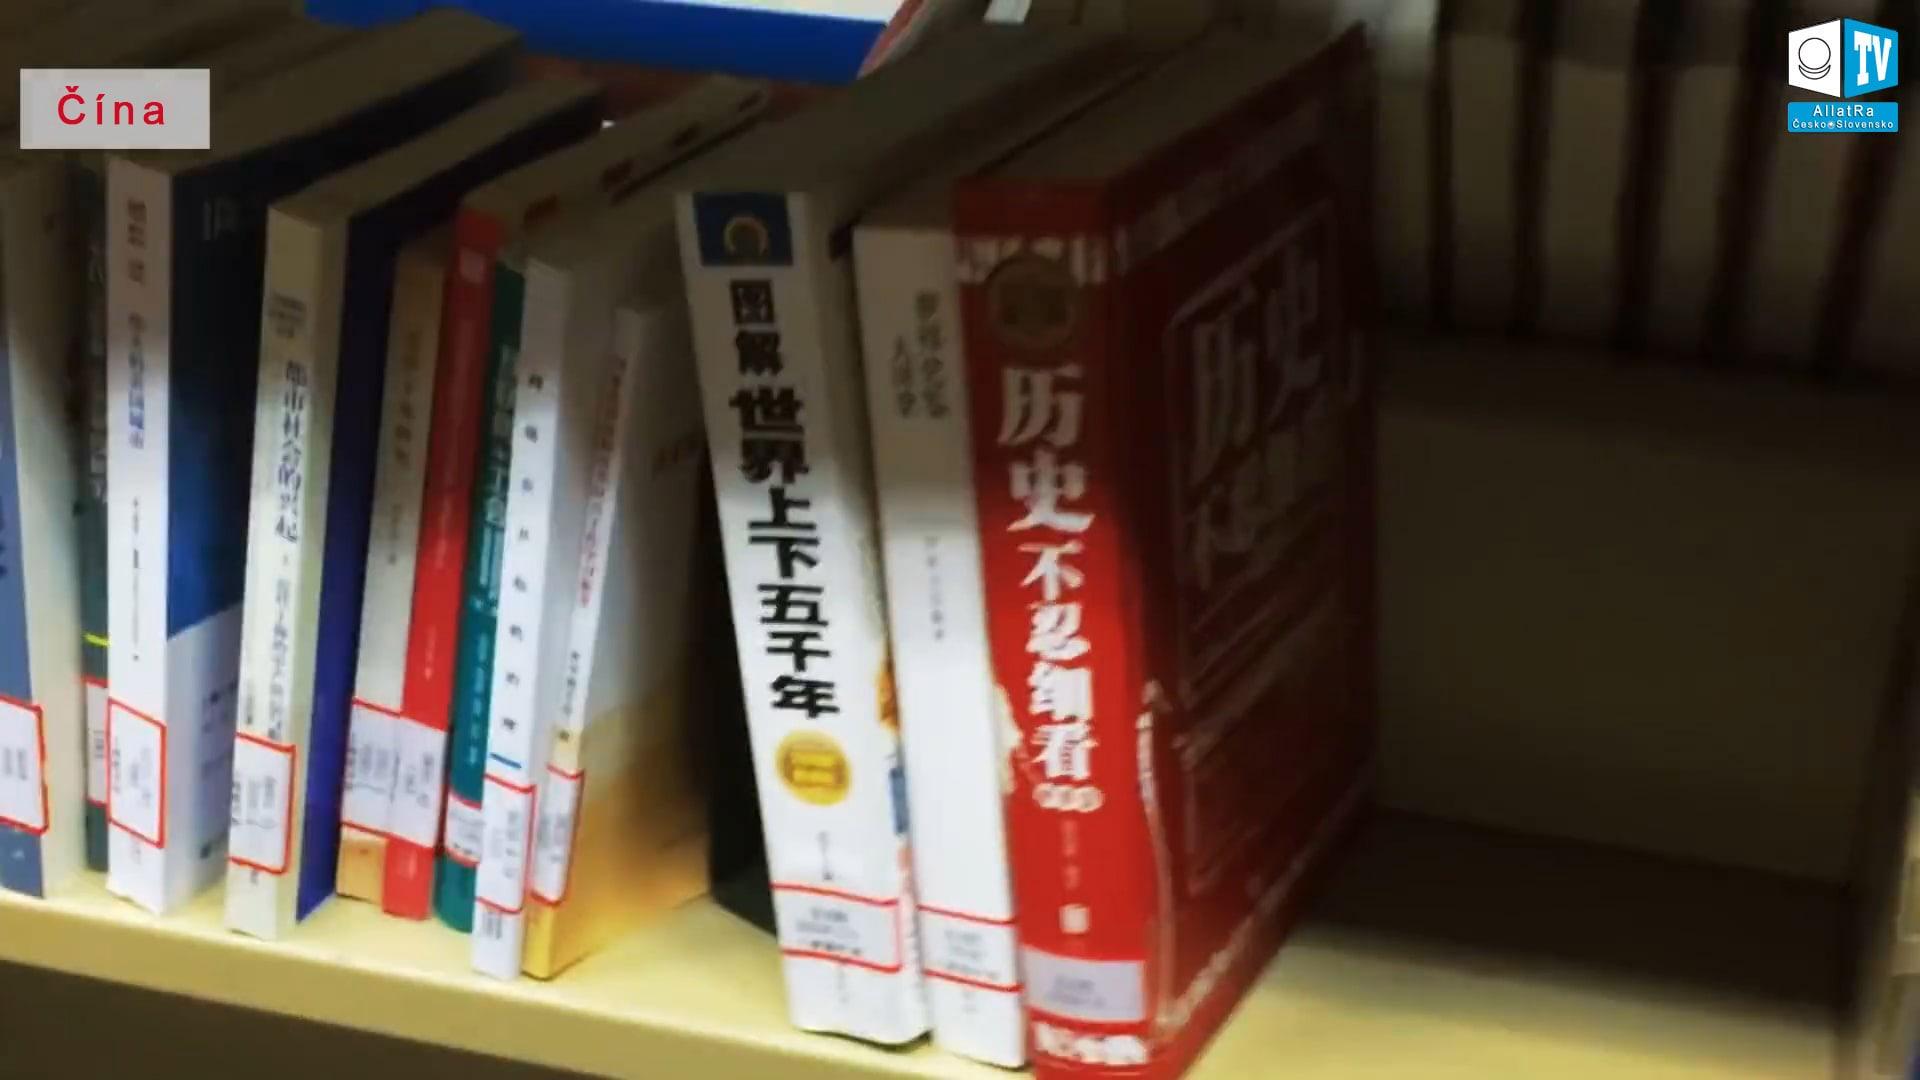 Knihy z historie - Čína. Foto